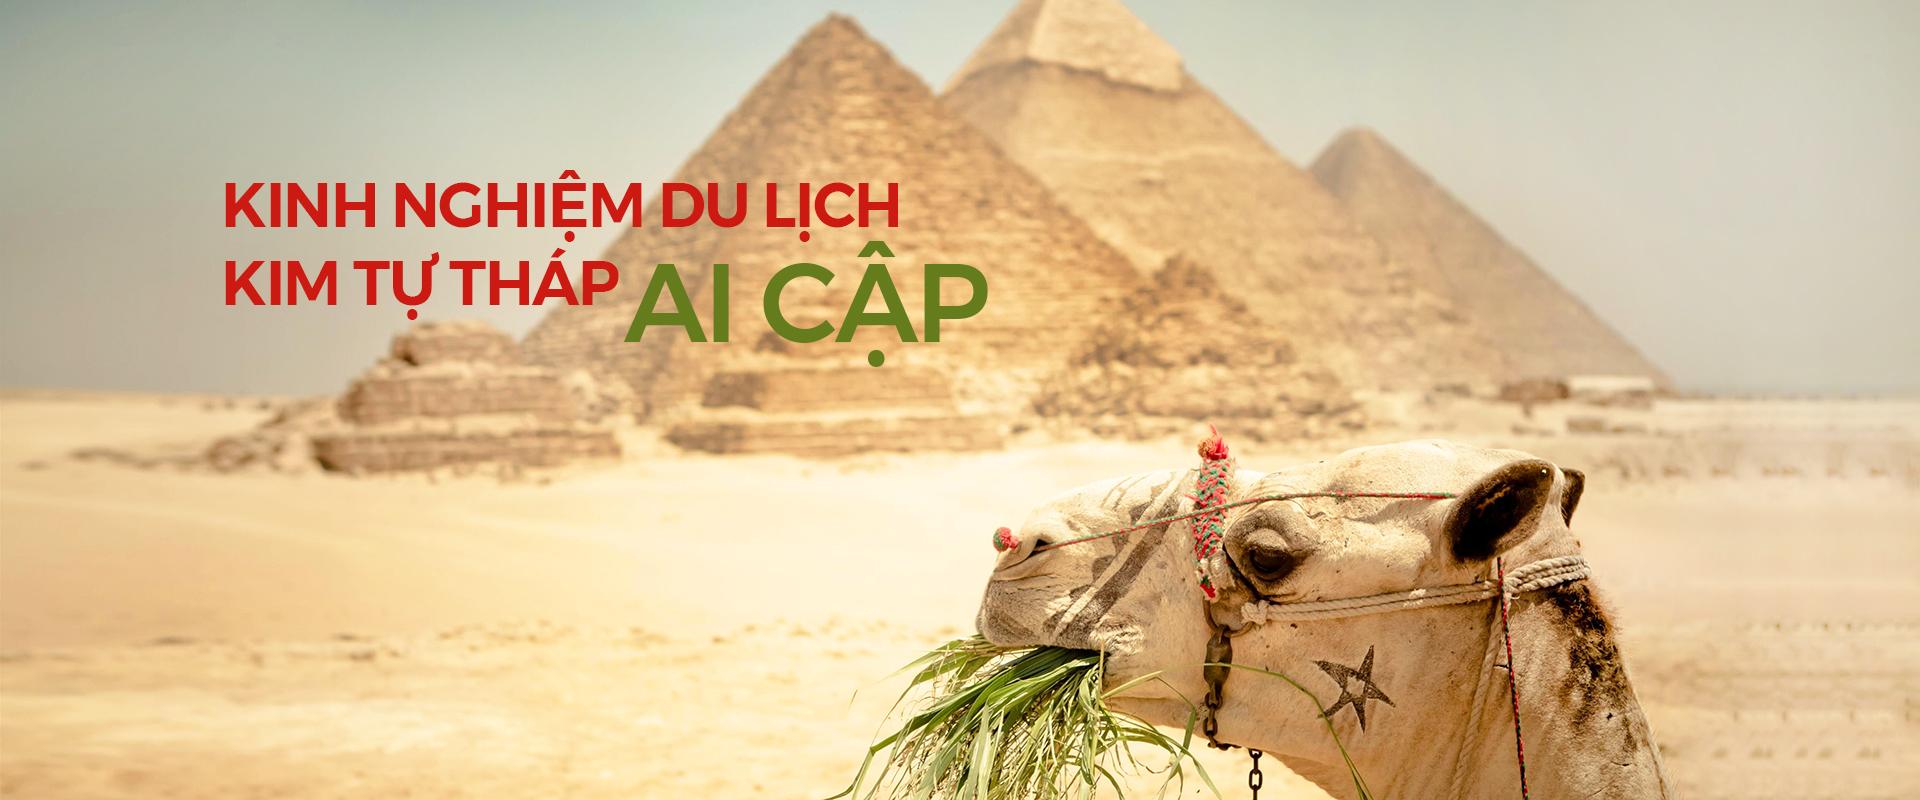 Kinh nghiệm du lịch kim tự tháp Ai Cập